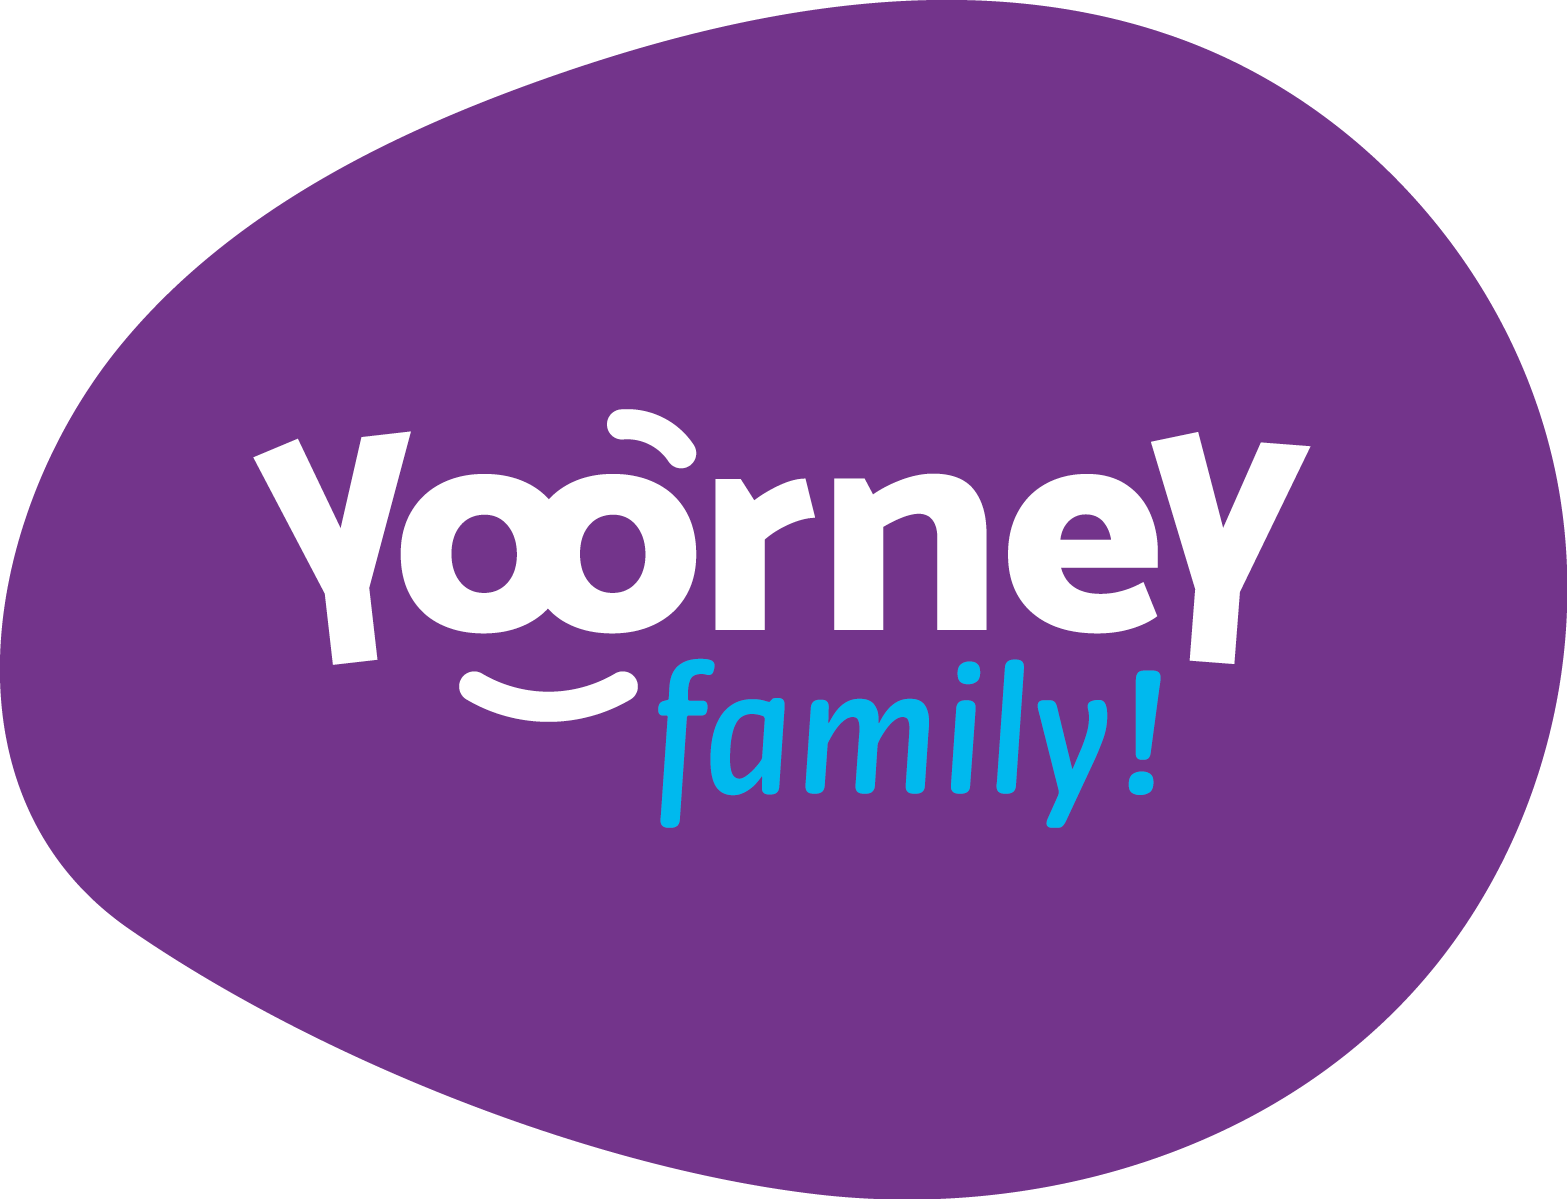 logotipo_family_yoorney.png